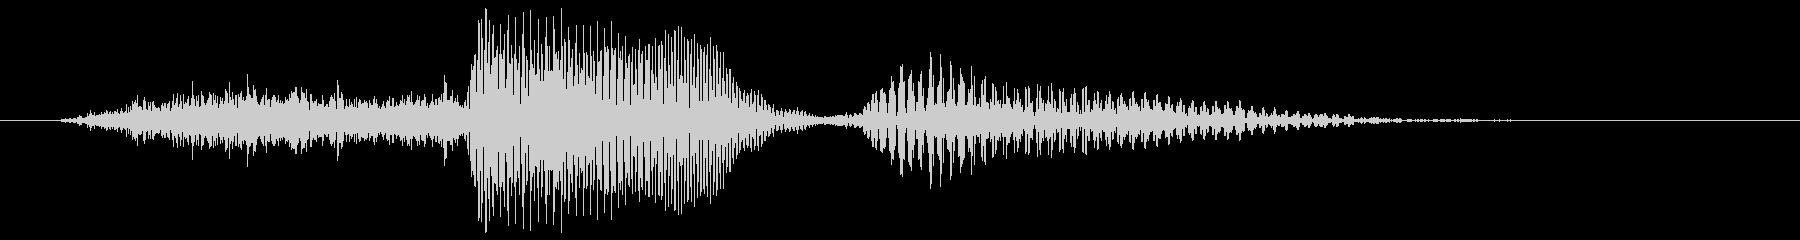 7 (seven- ソフト 英語)連結可の未再生の波形